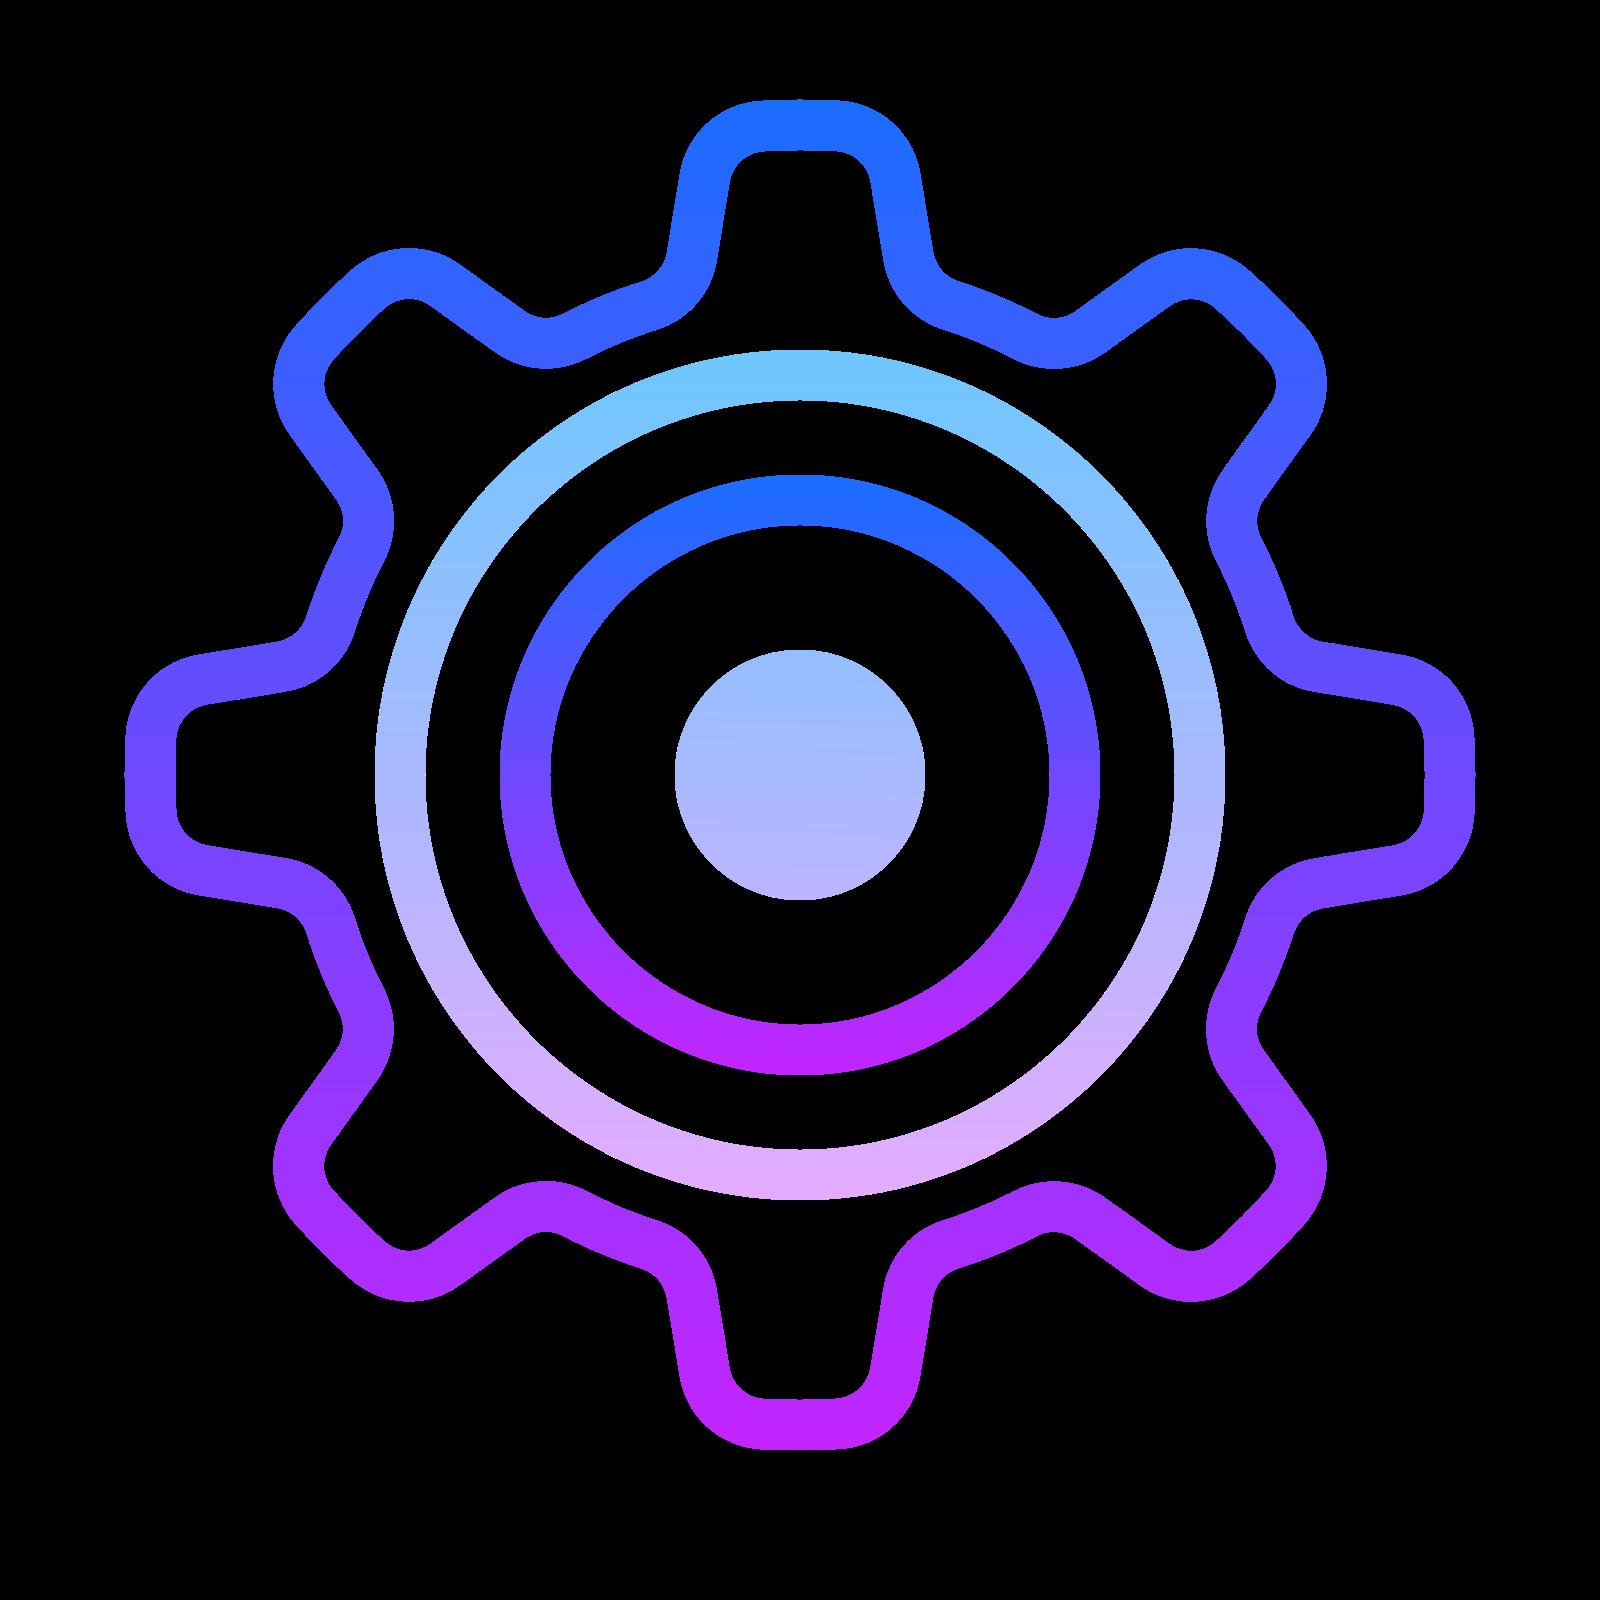 设置 icon. This icon represents settings.  It is shaped like a ship wheel.  A large circular shape with eight rectangle like protrusions go around the entire object.  In the middle is a small circle that is placed directly in the center.